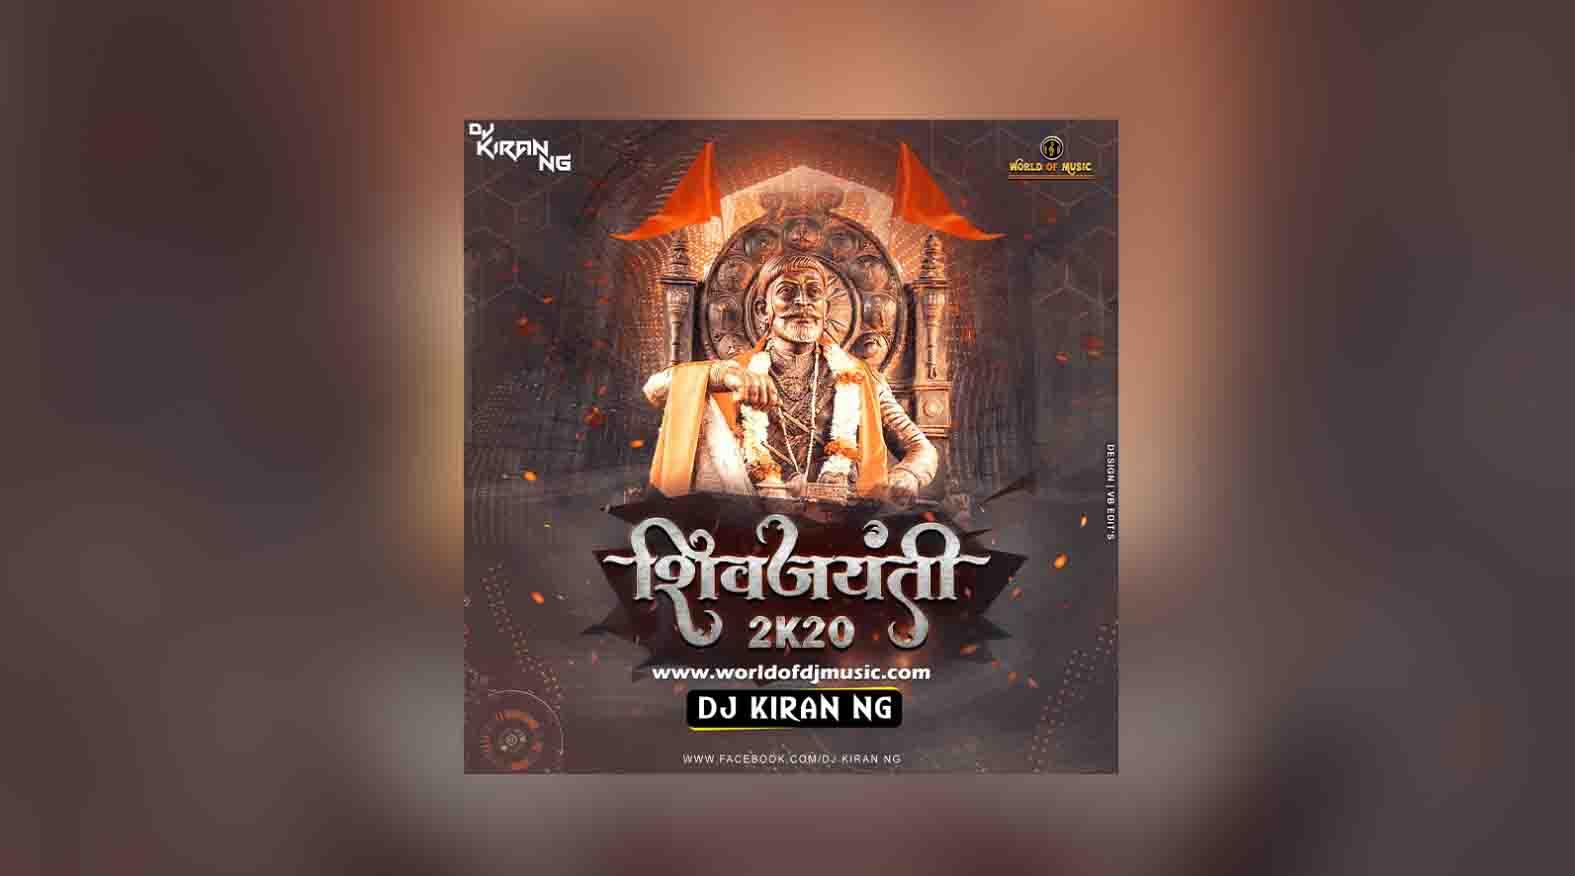 Shivba Raja Basla Ghodyawar (Remix) - Dj Kiran (NG)